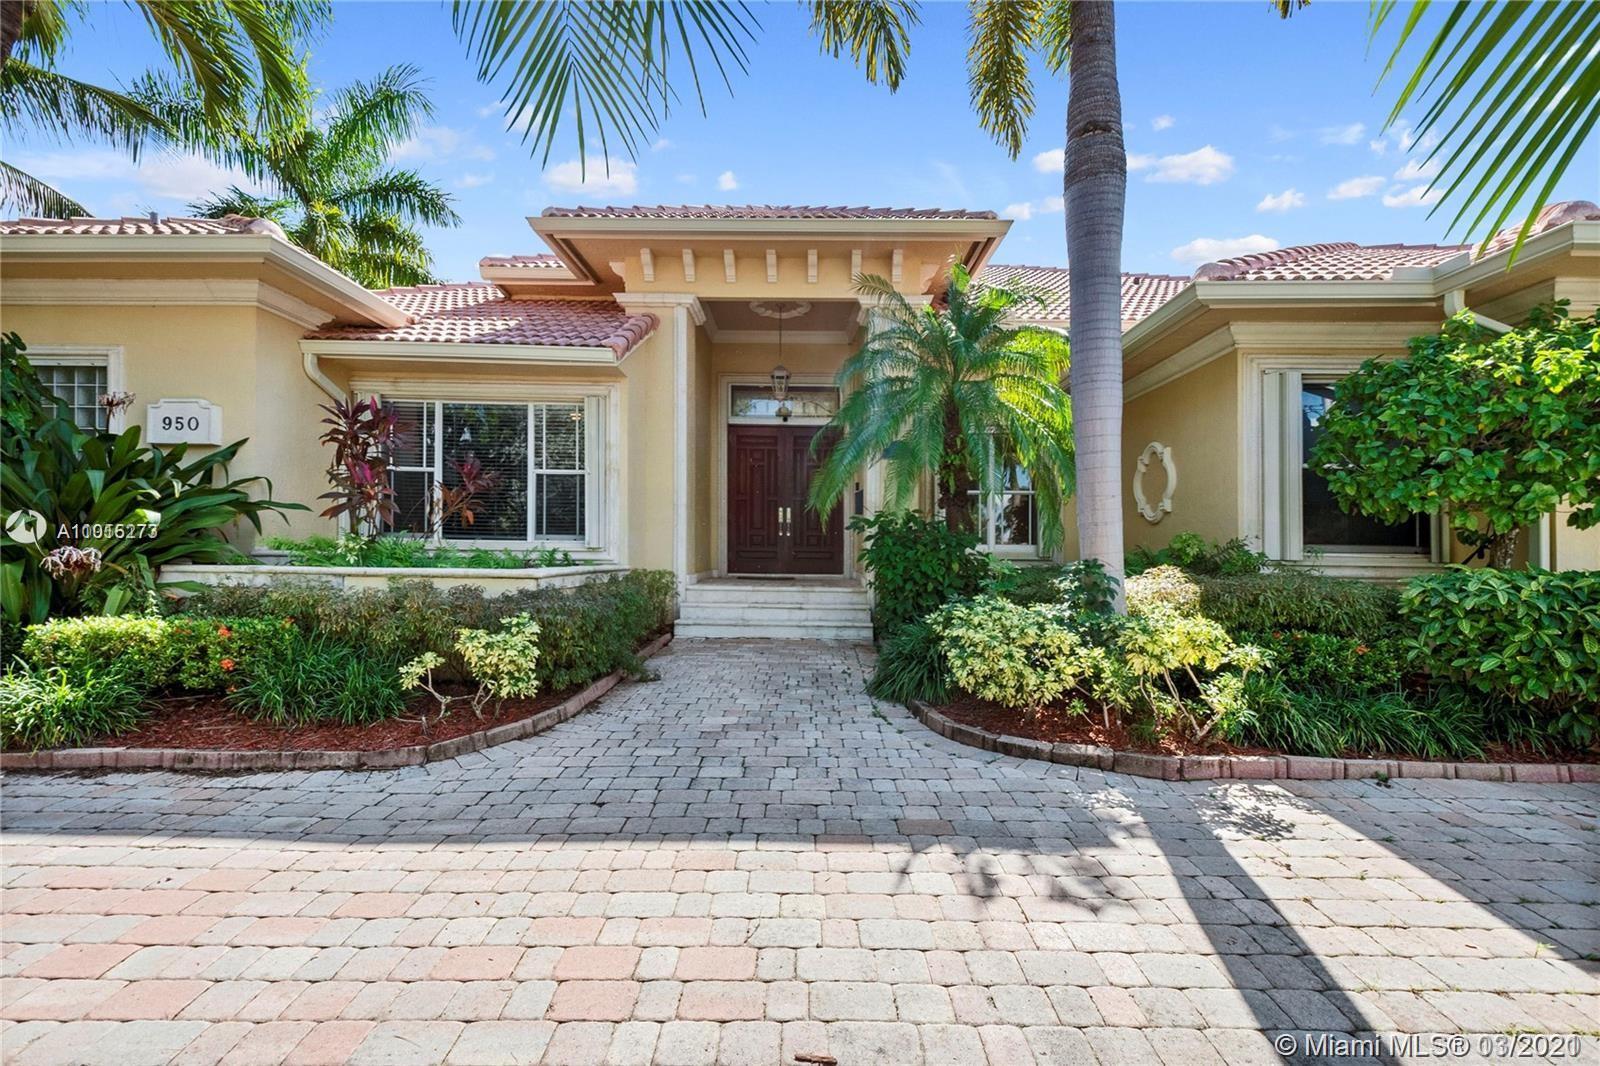 950 Washington St Property Photo